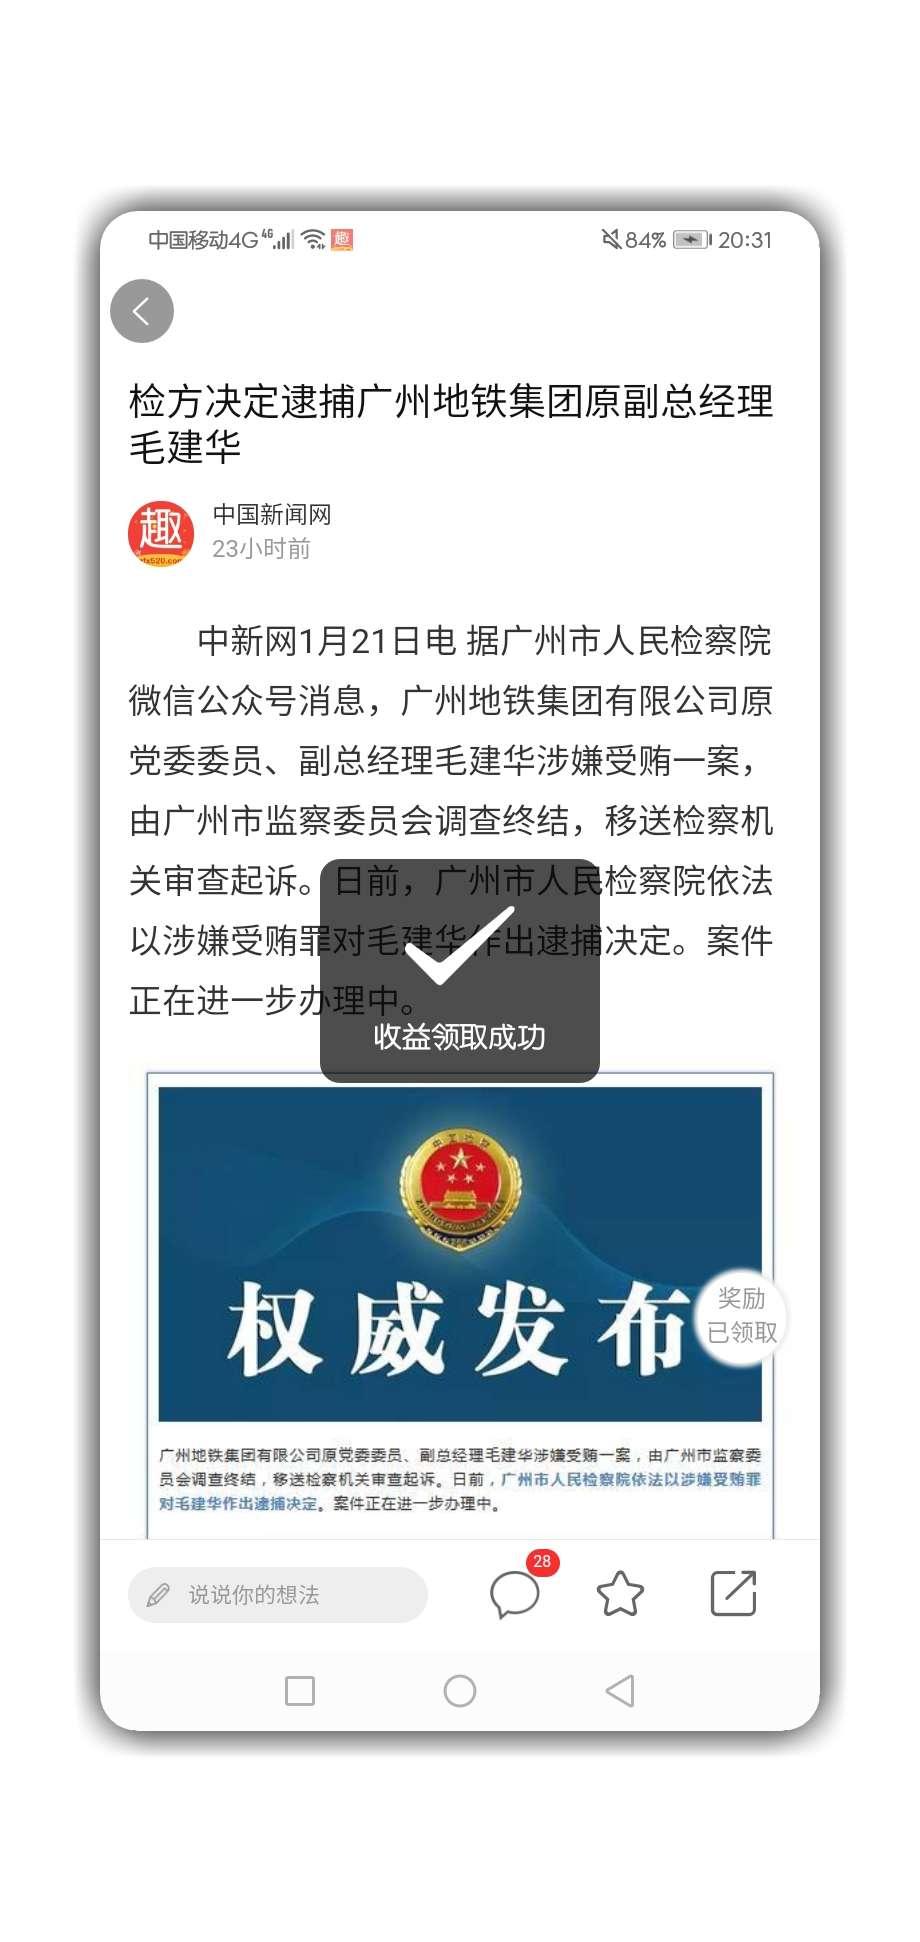 「原创修改」趣分享.ver.4.0.0_白嫖n元不香吗